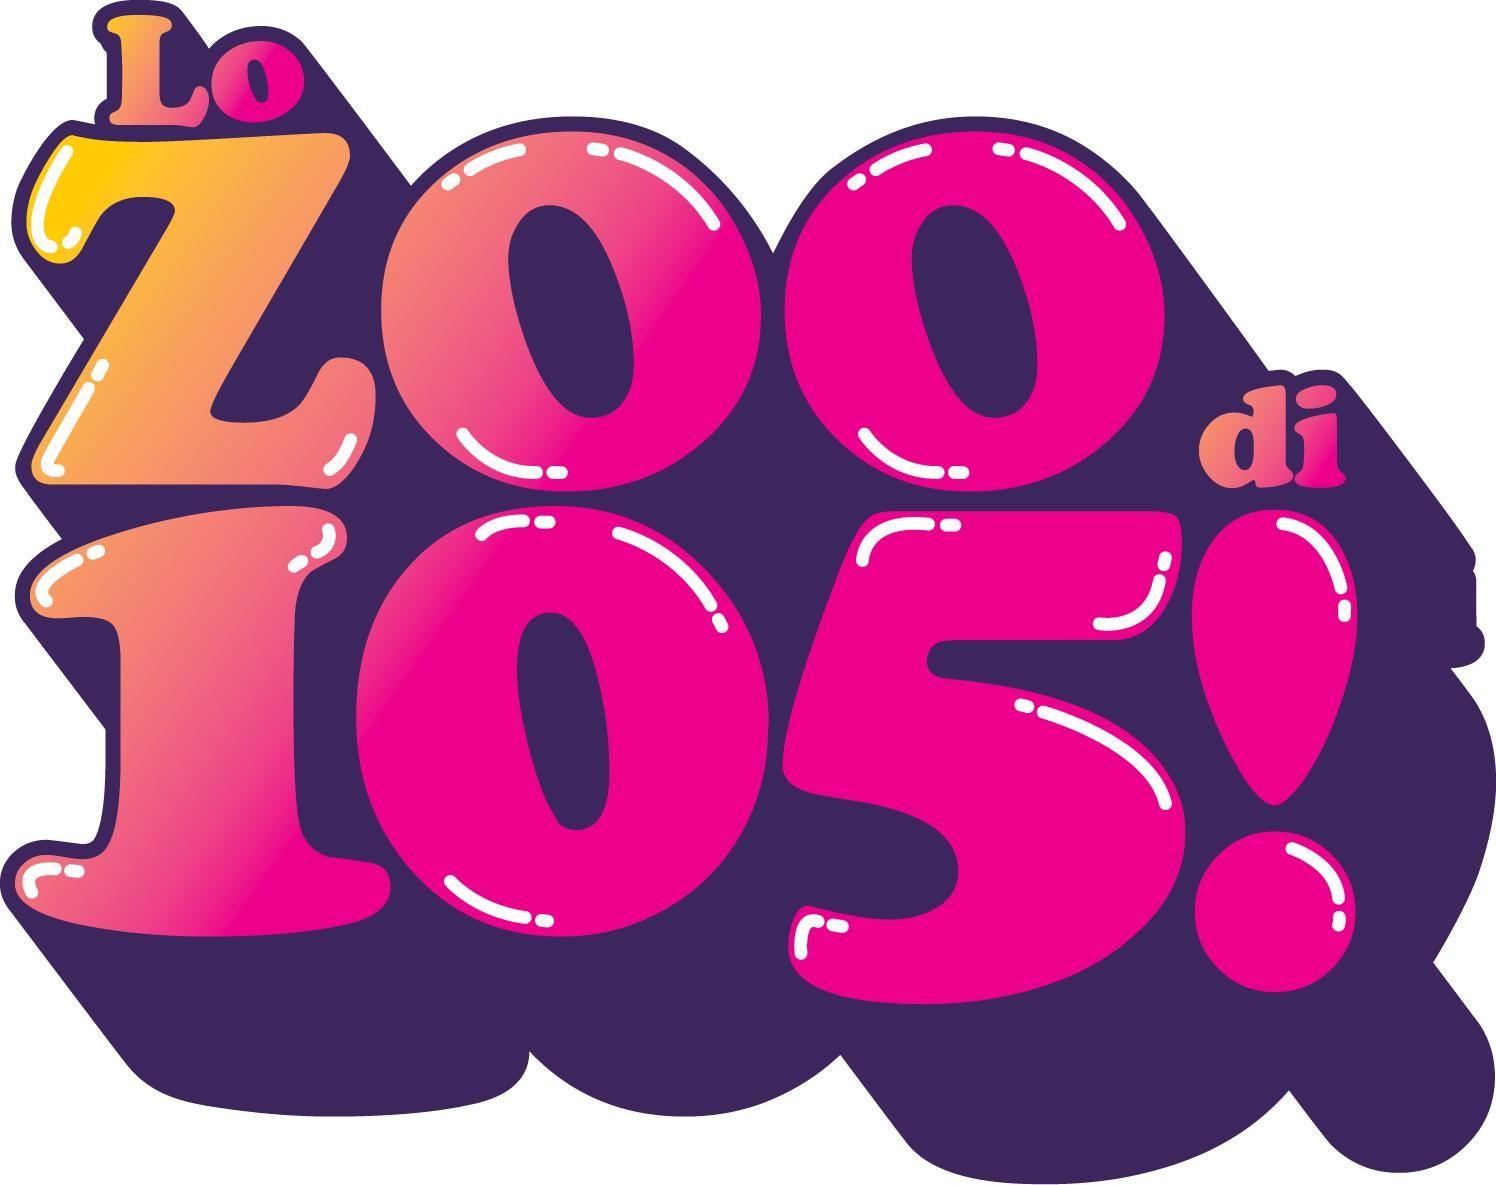 Lo Zoo 105 sbarca a Toritto per il Capodanno 2019